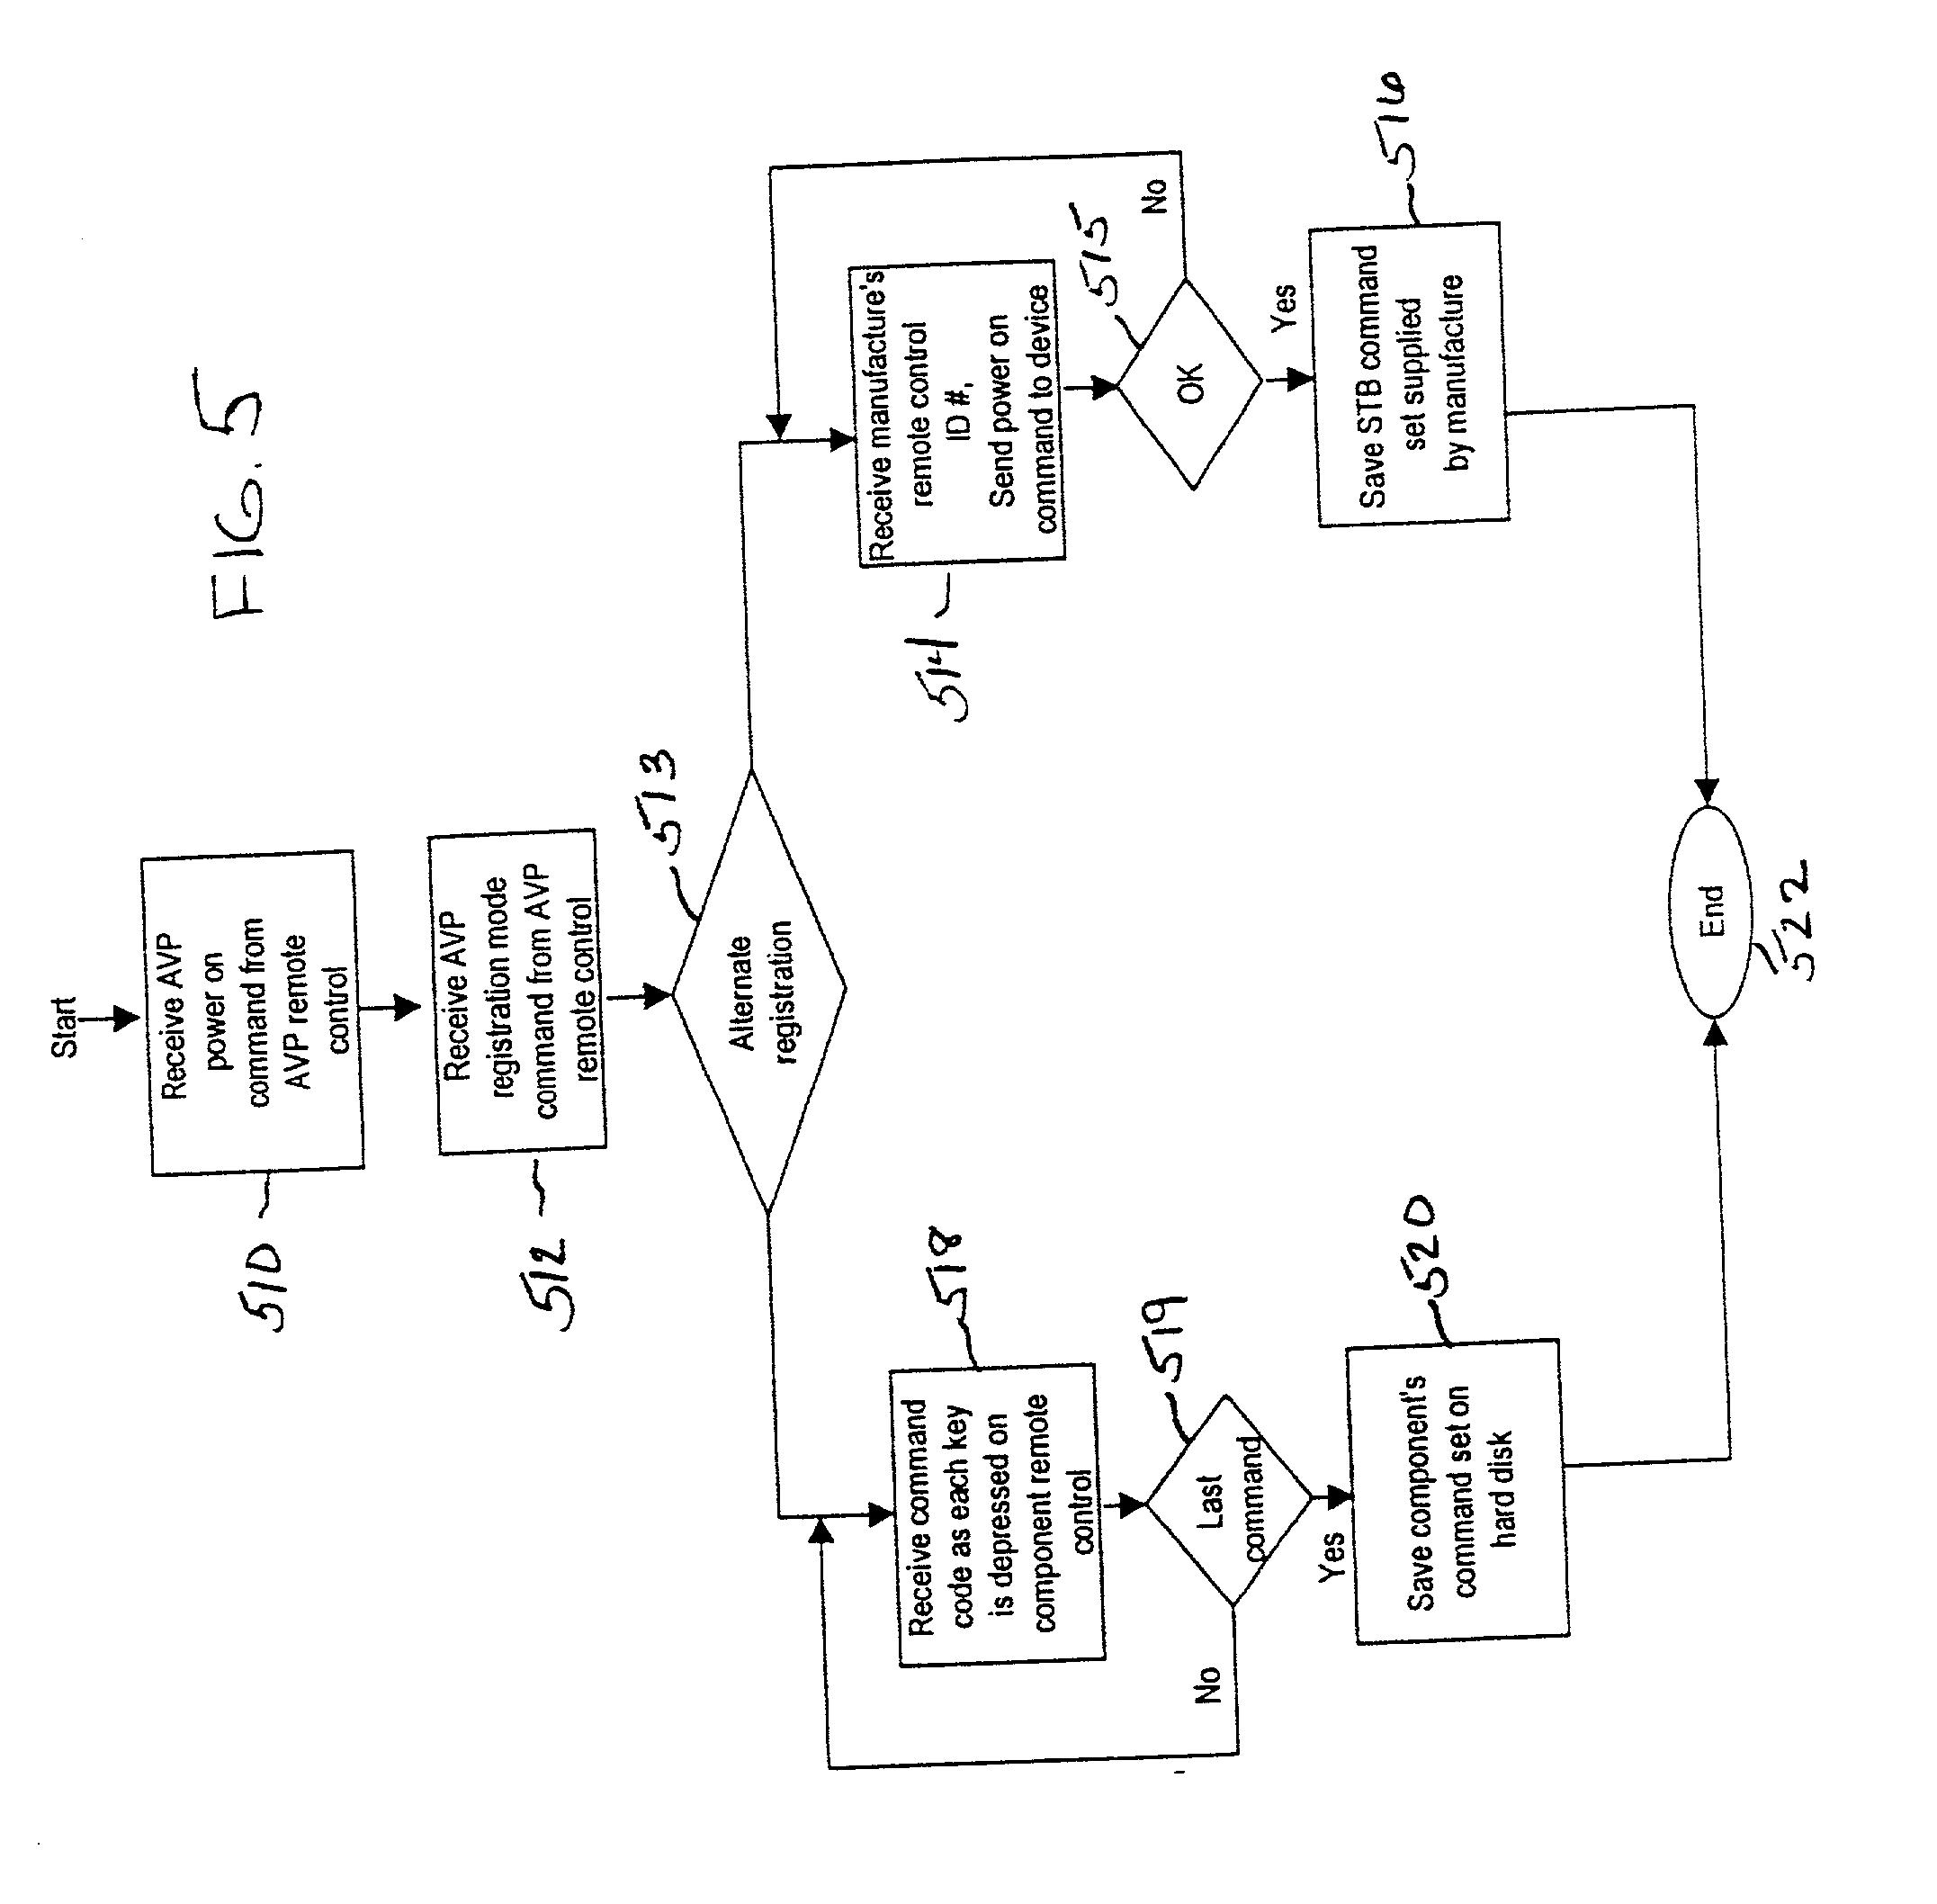 patent us20020194596